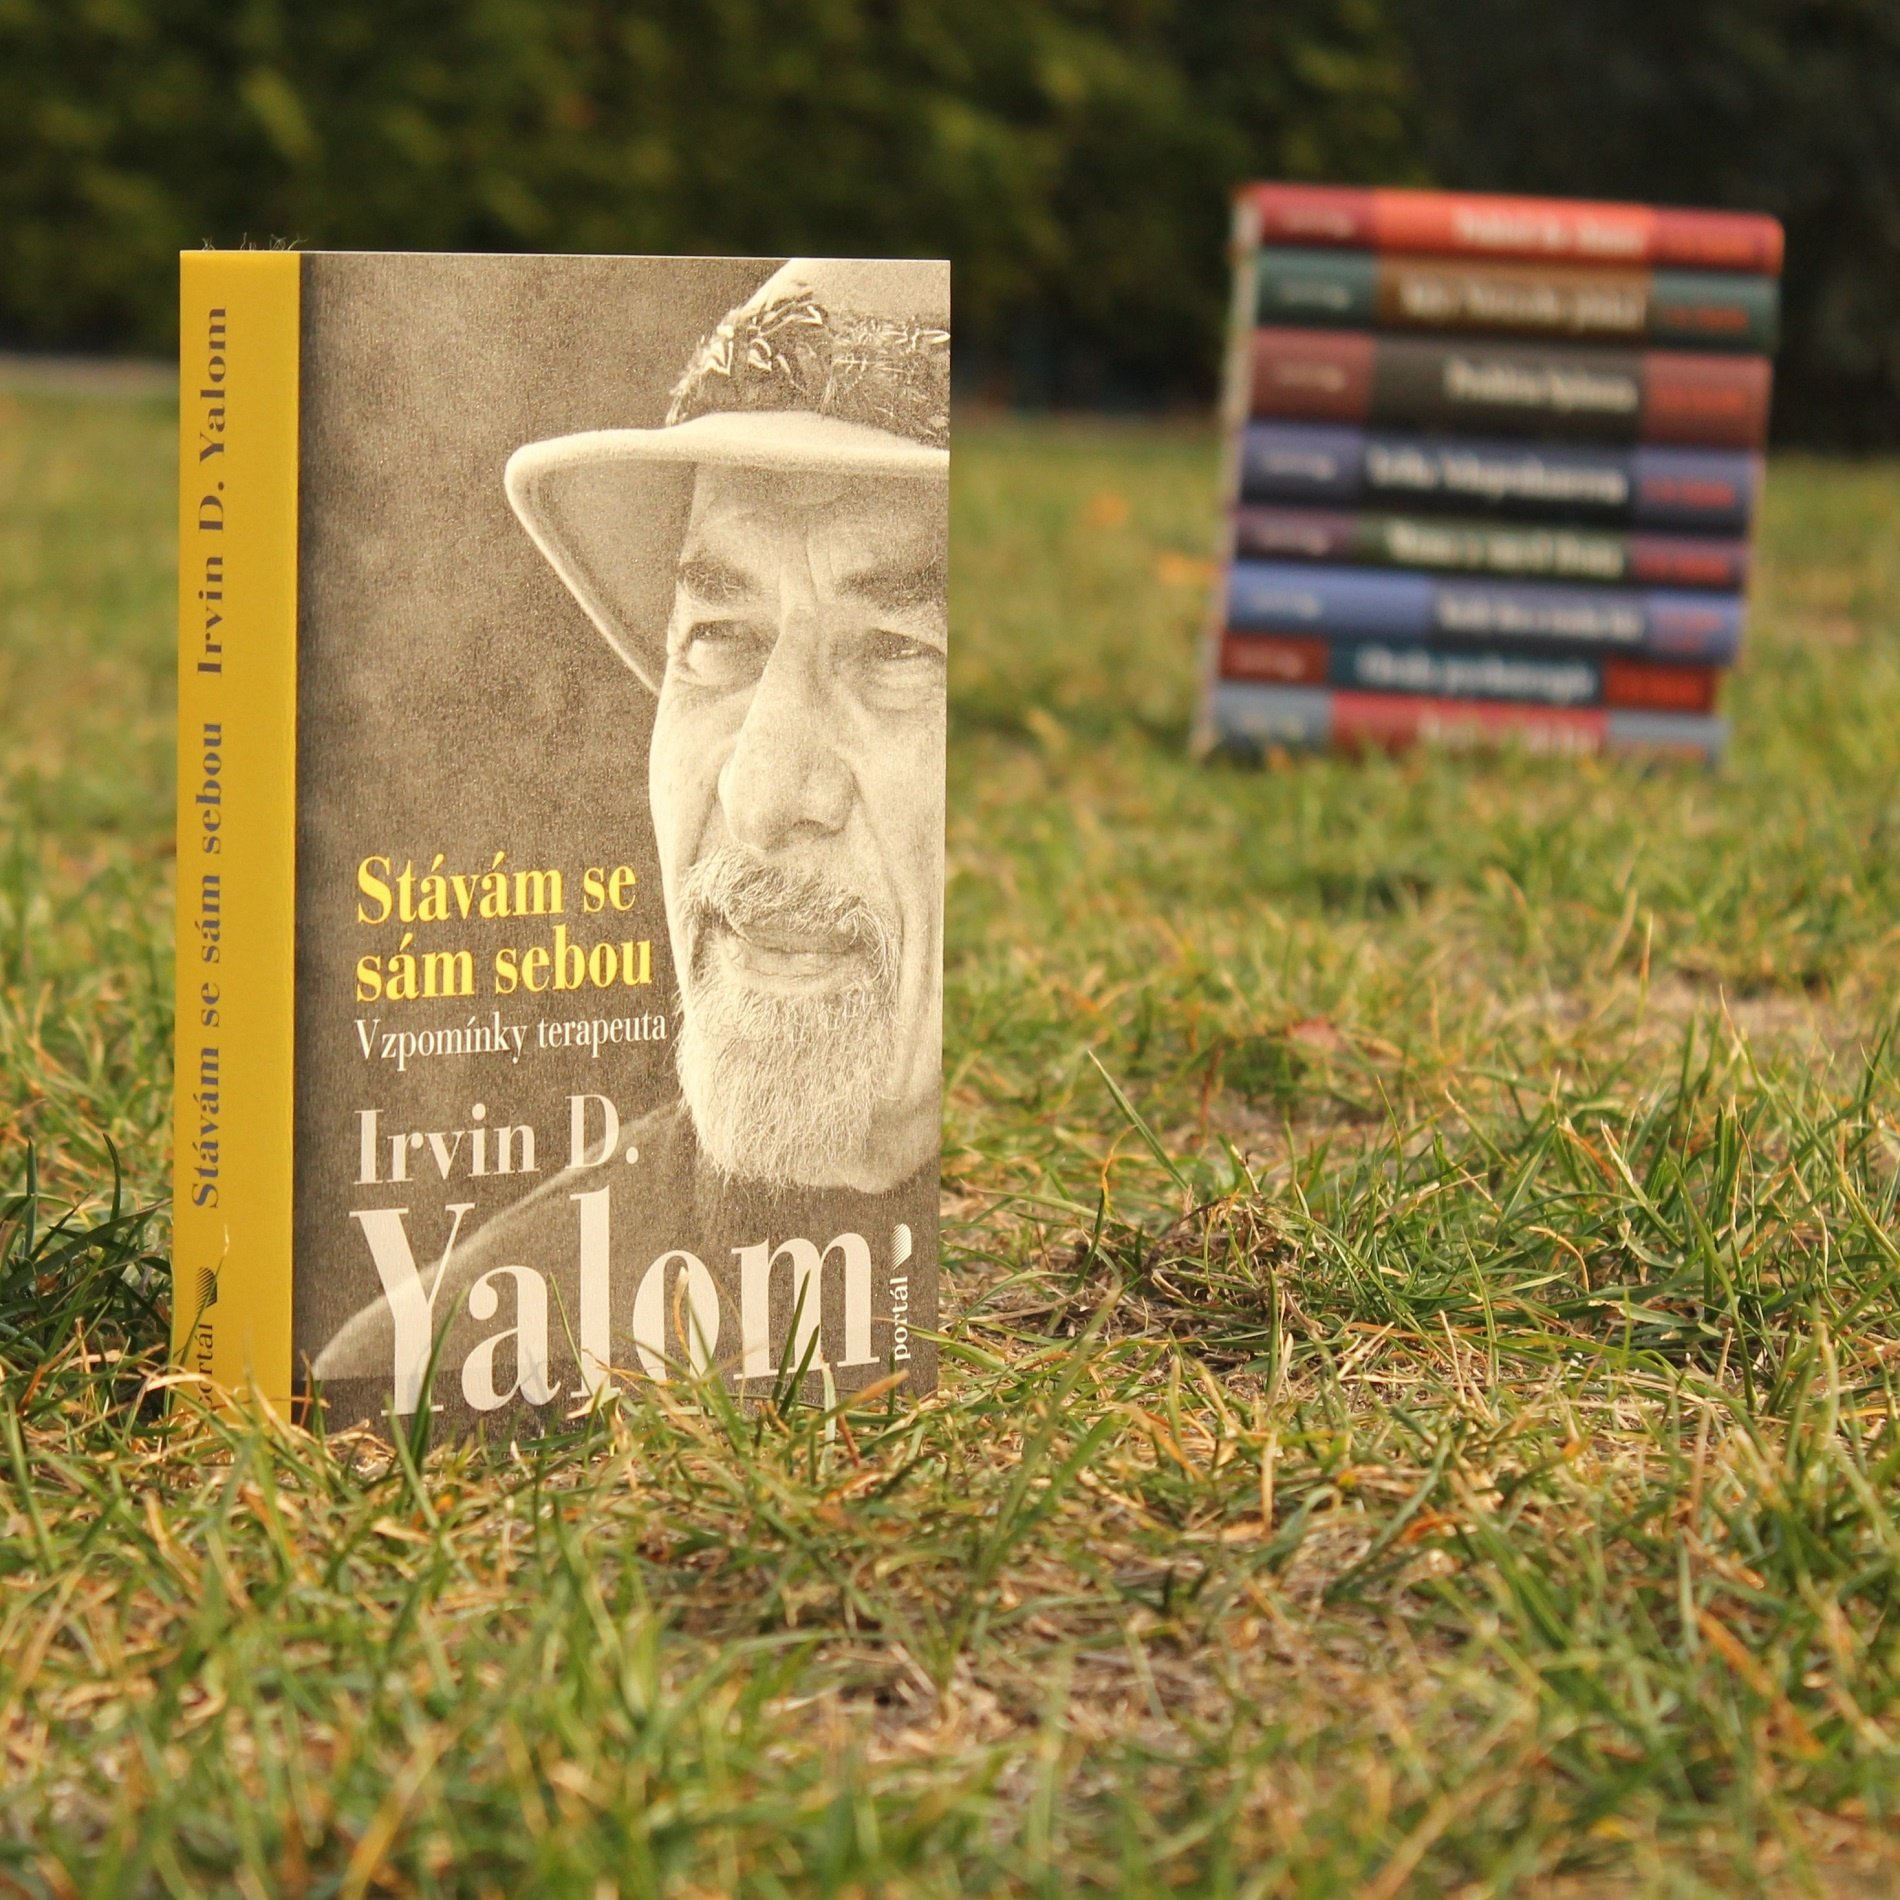 Irvin D. Yalom psychiatr psychotereapeut Stávám se sám sebou memoáry